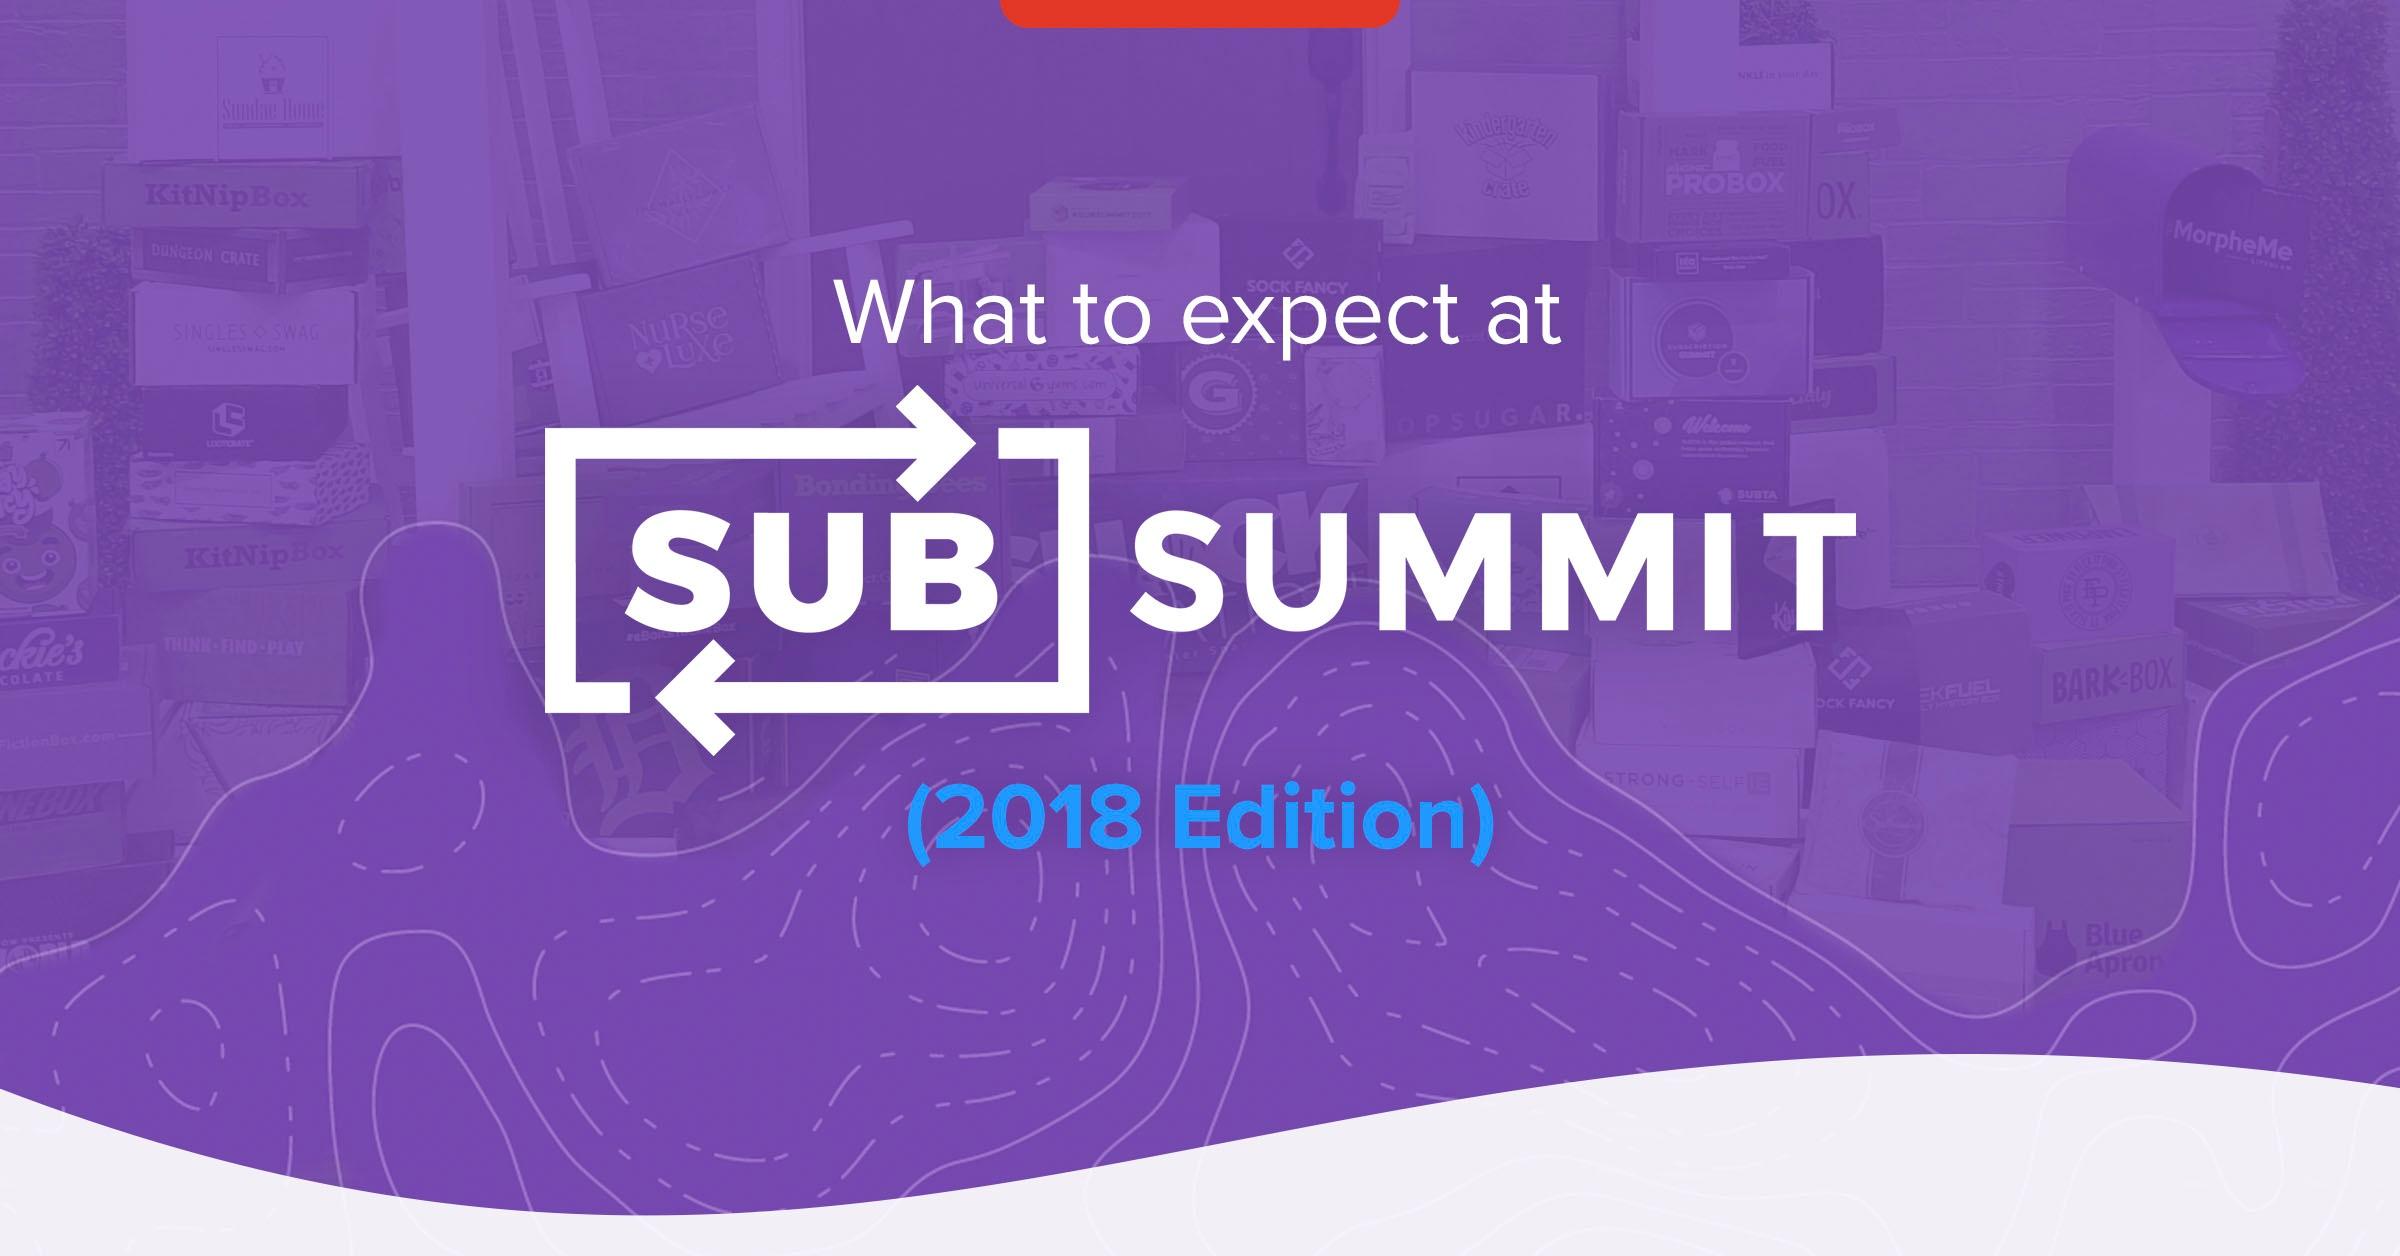 SubSummit 2018